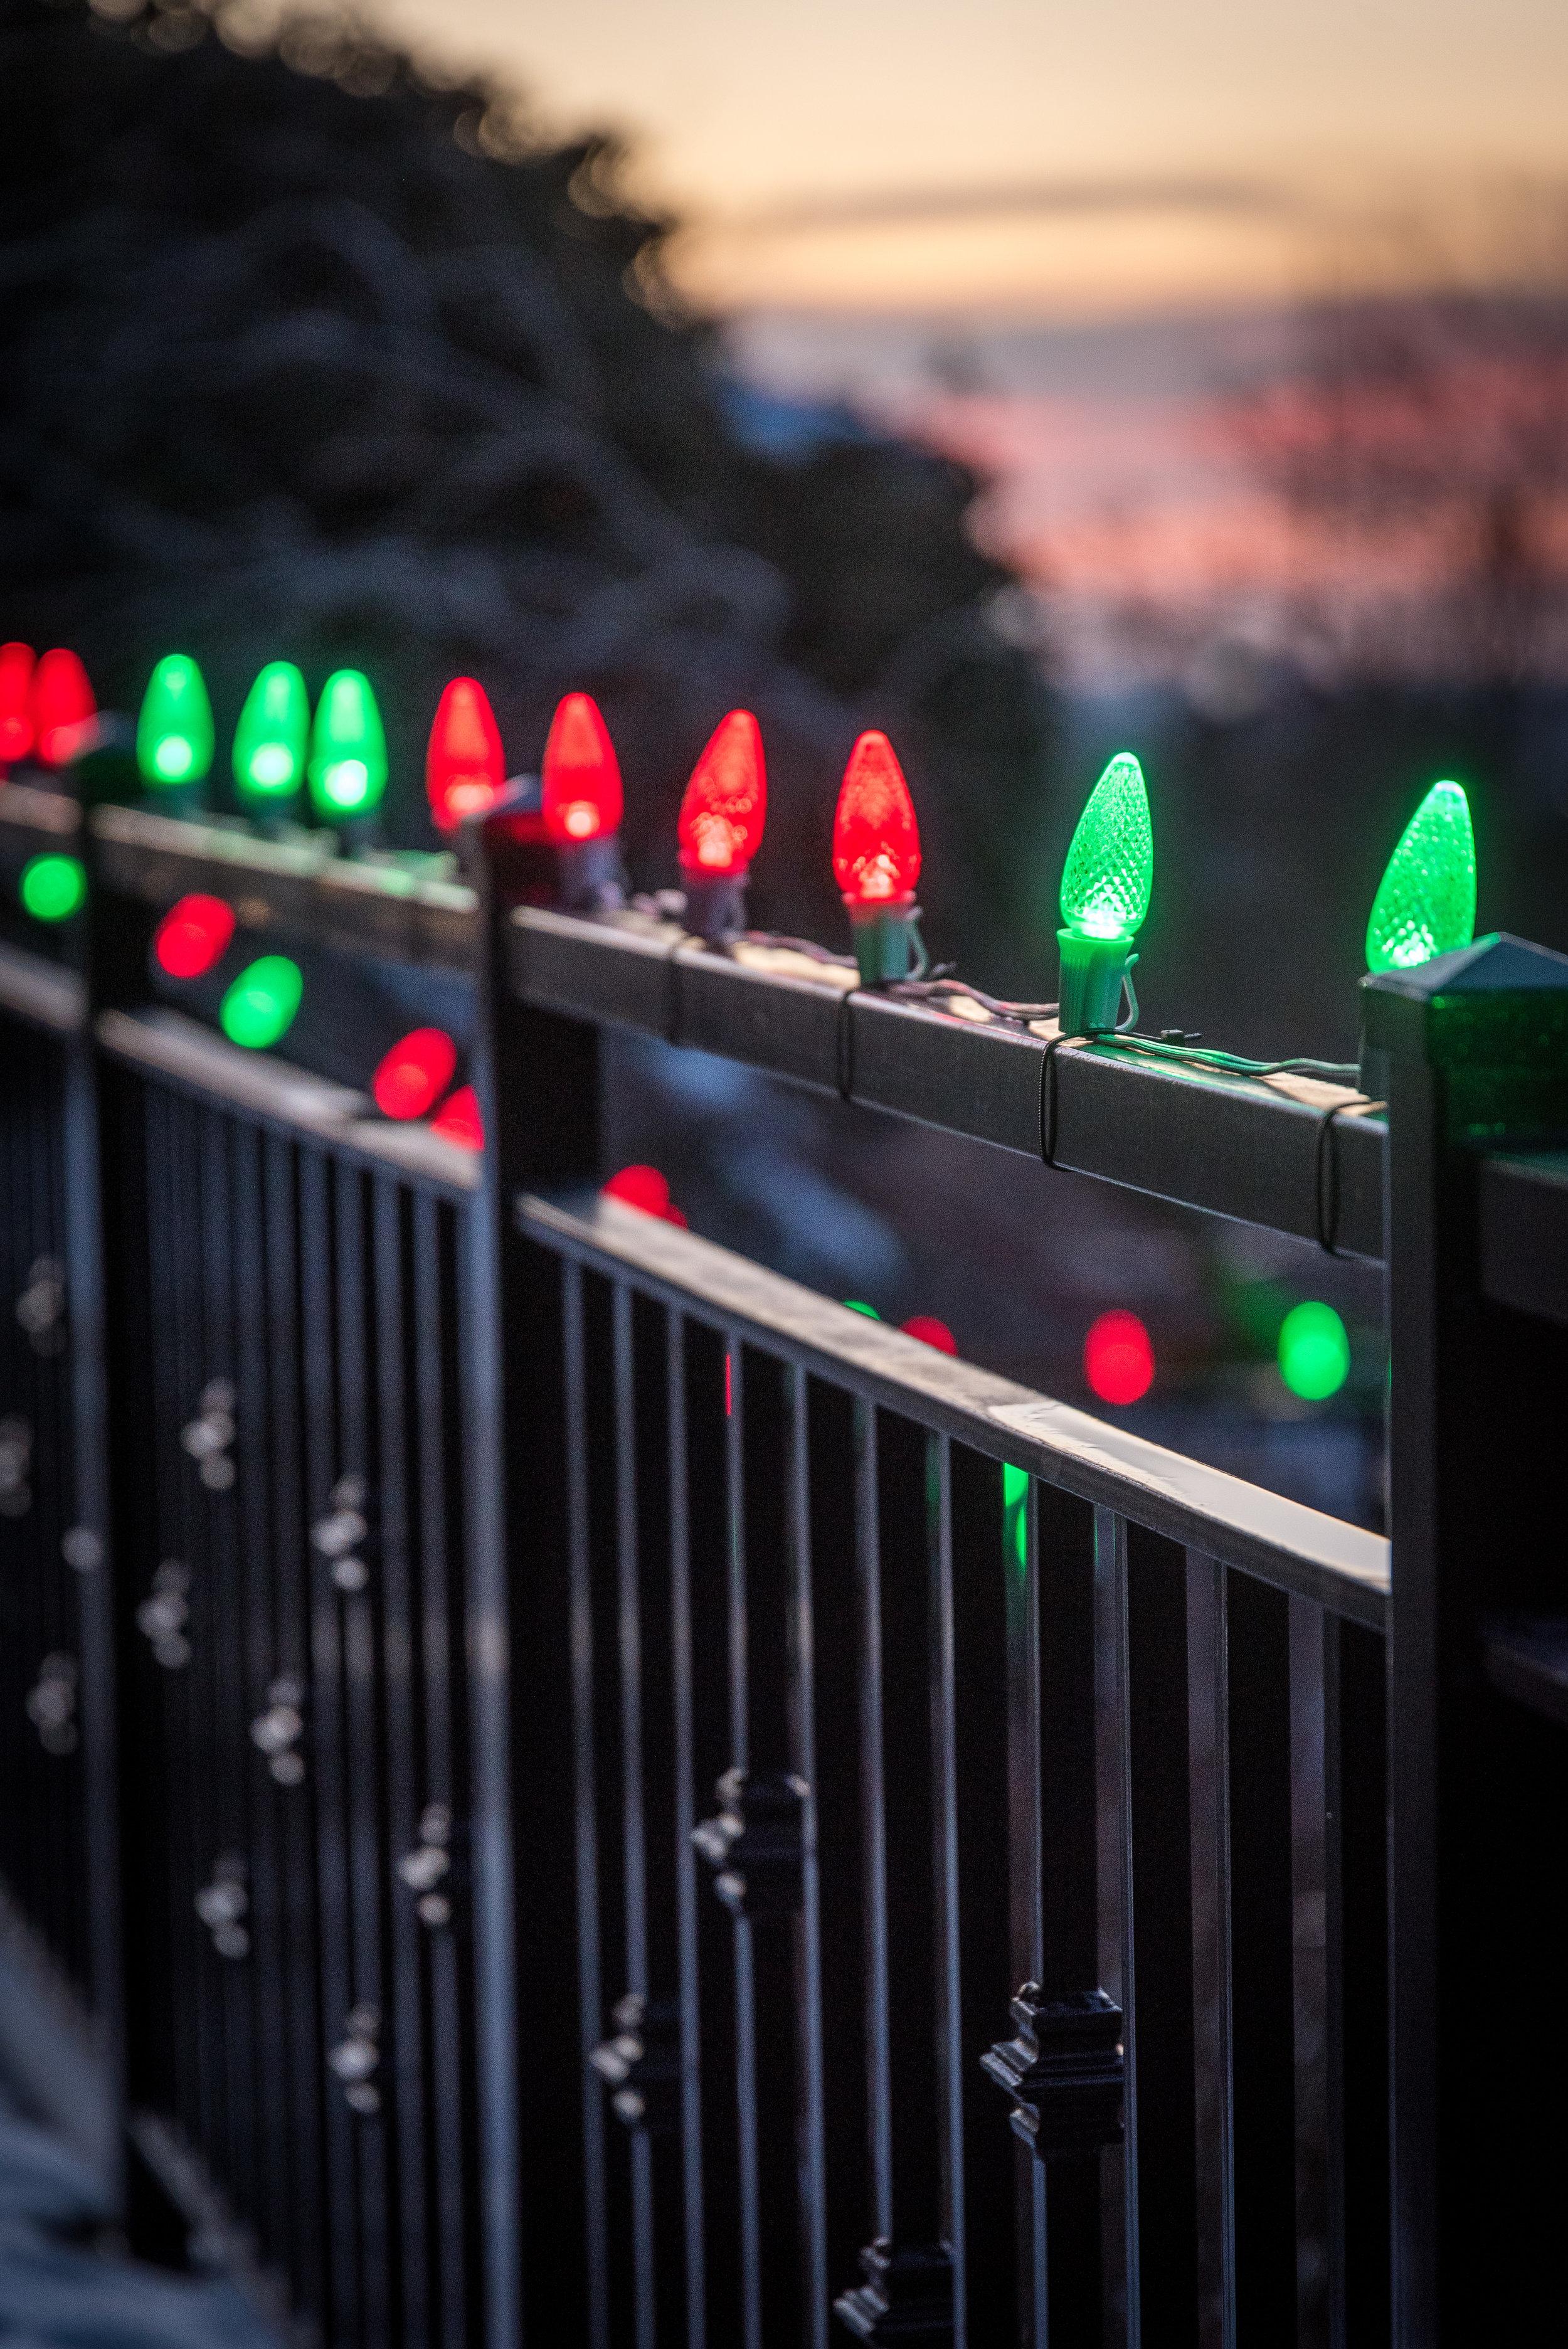 LED-C9-RED & LED-C9-GRN